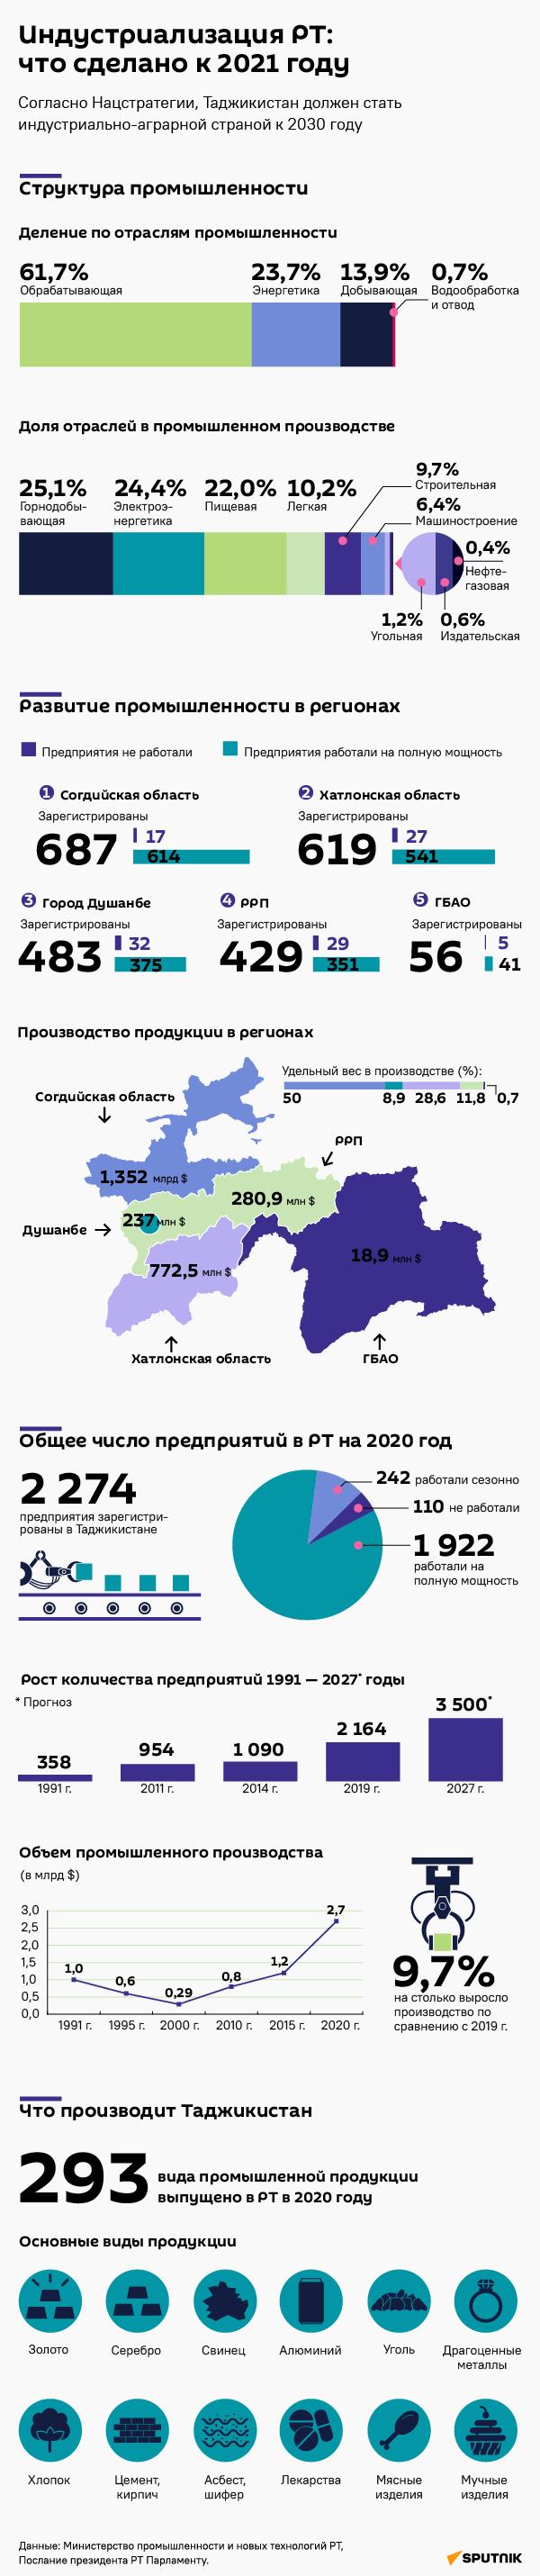 Индустриализация в РТ: что сделано к 2021 году - Sputnik Таджикистан